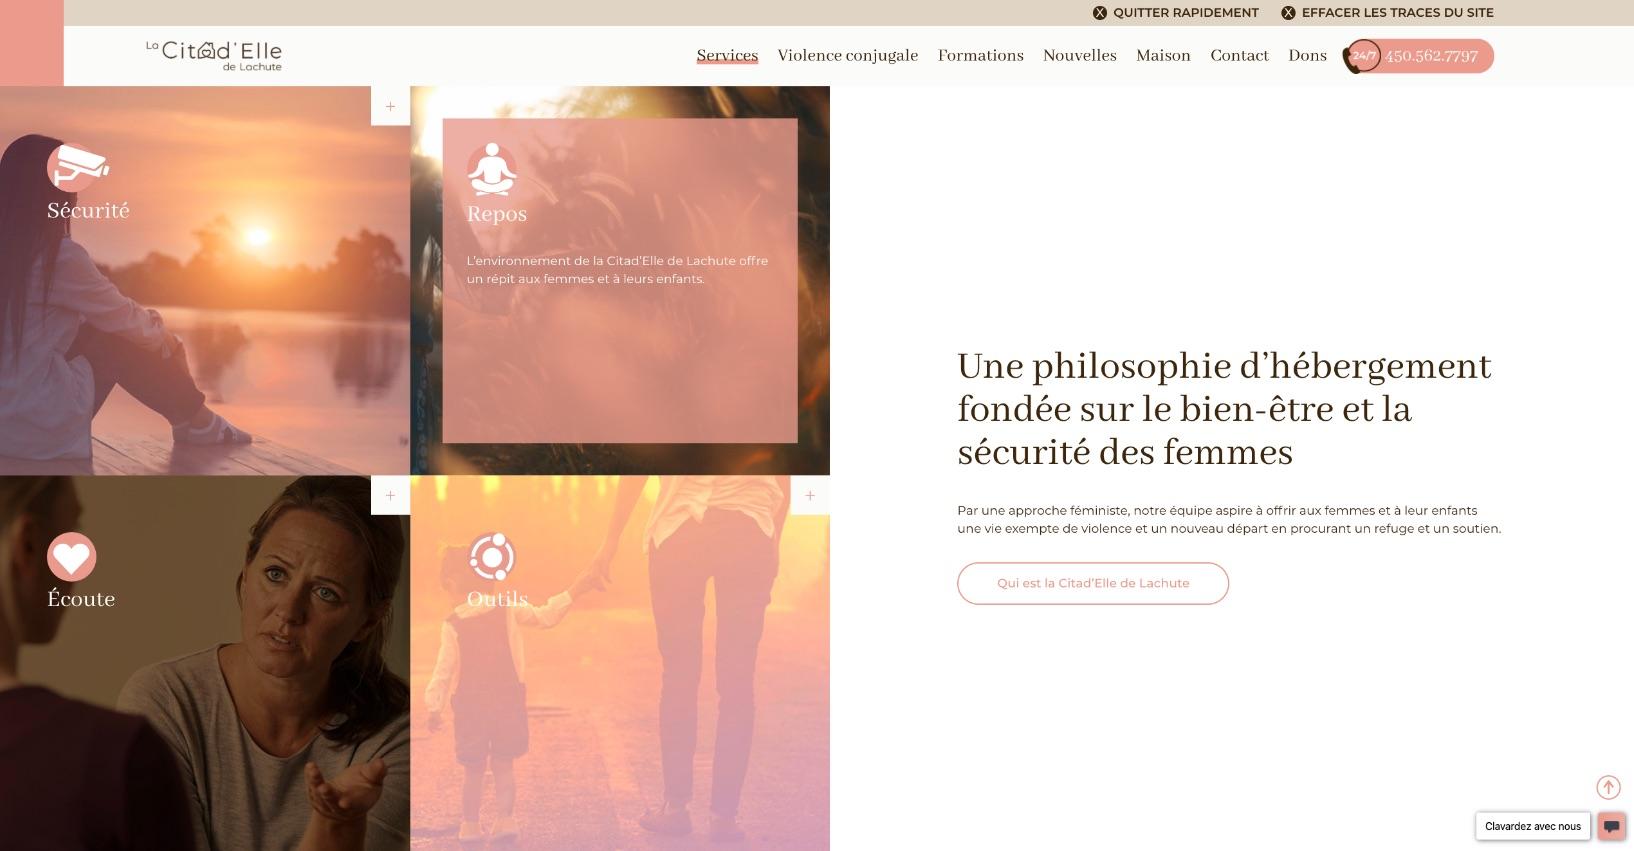 Source d'information en ligne   Stratégie visuelle   Hover